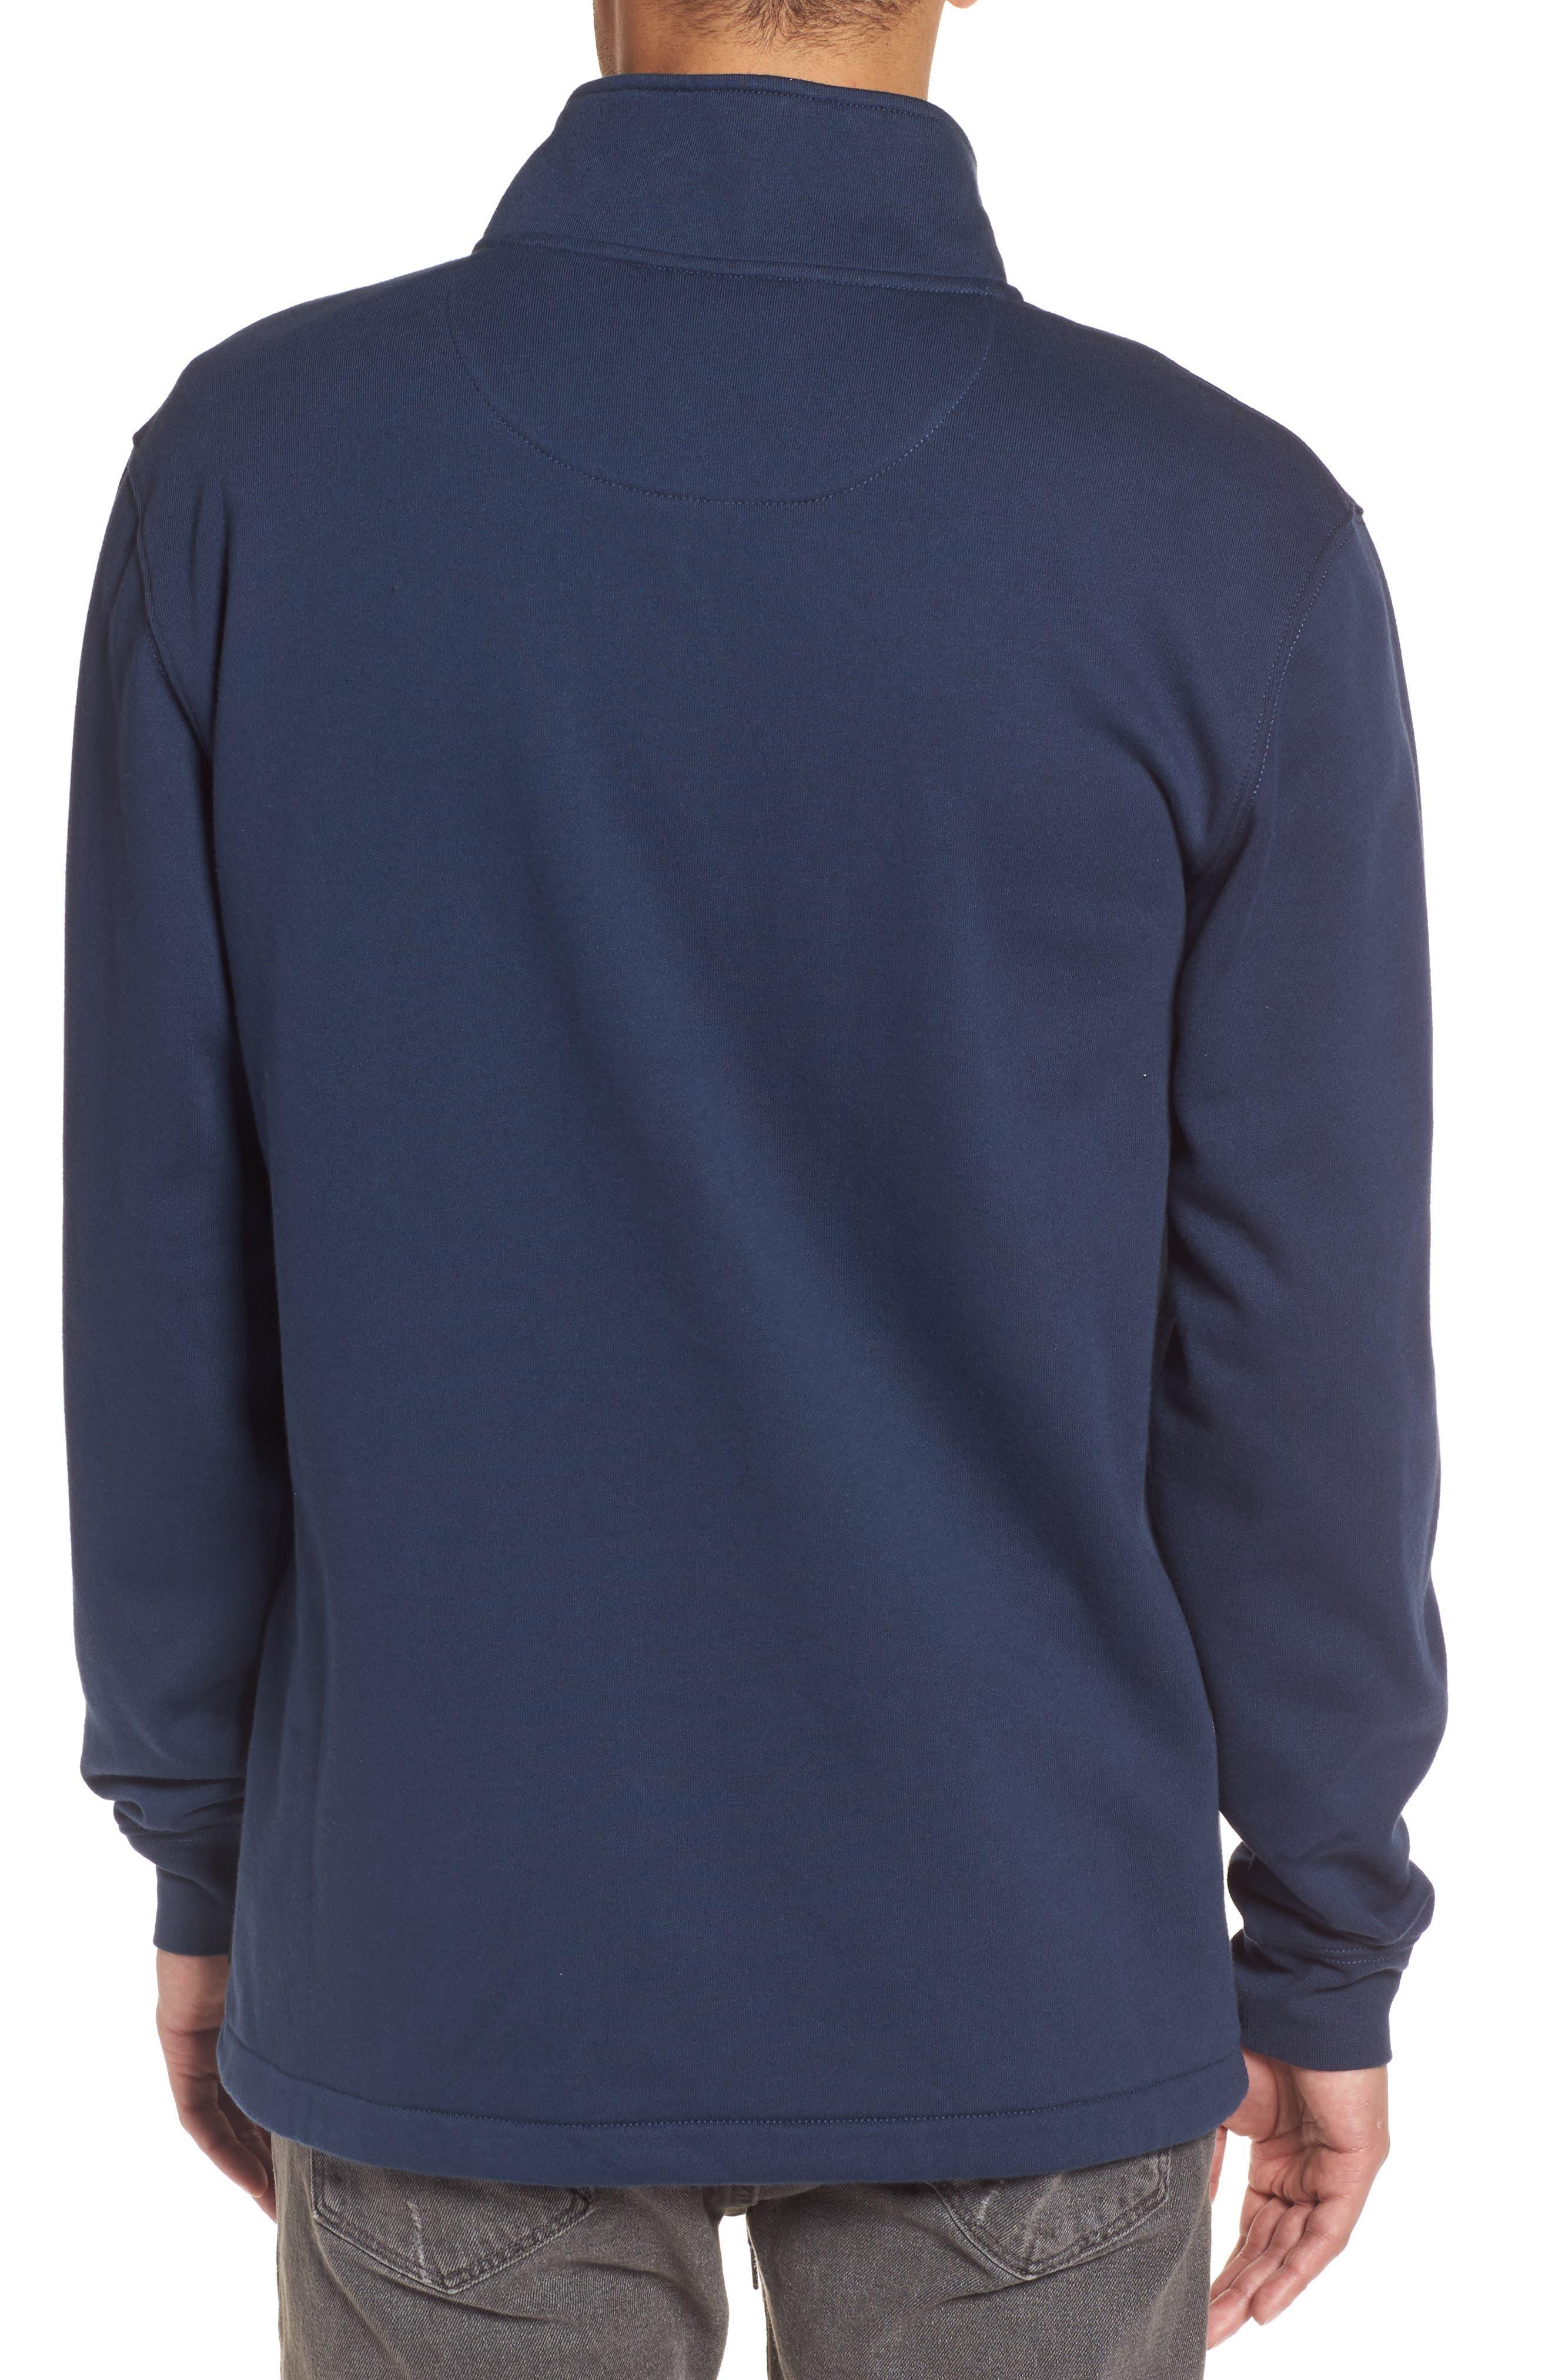 Alternate Image 2  - Vans Fifty Fifty Half Zip Pullover